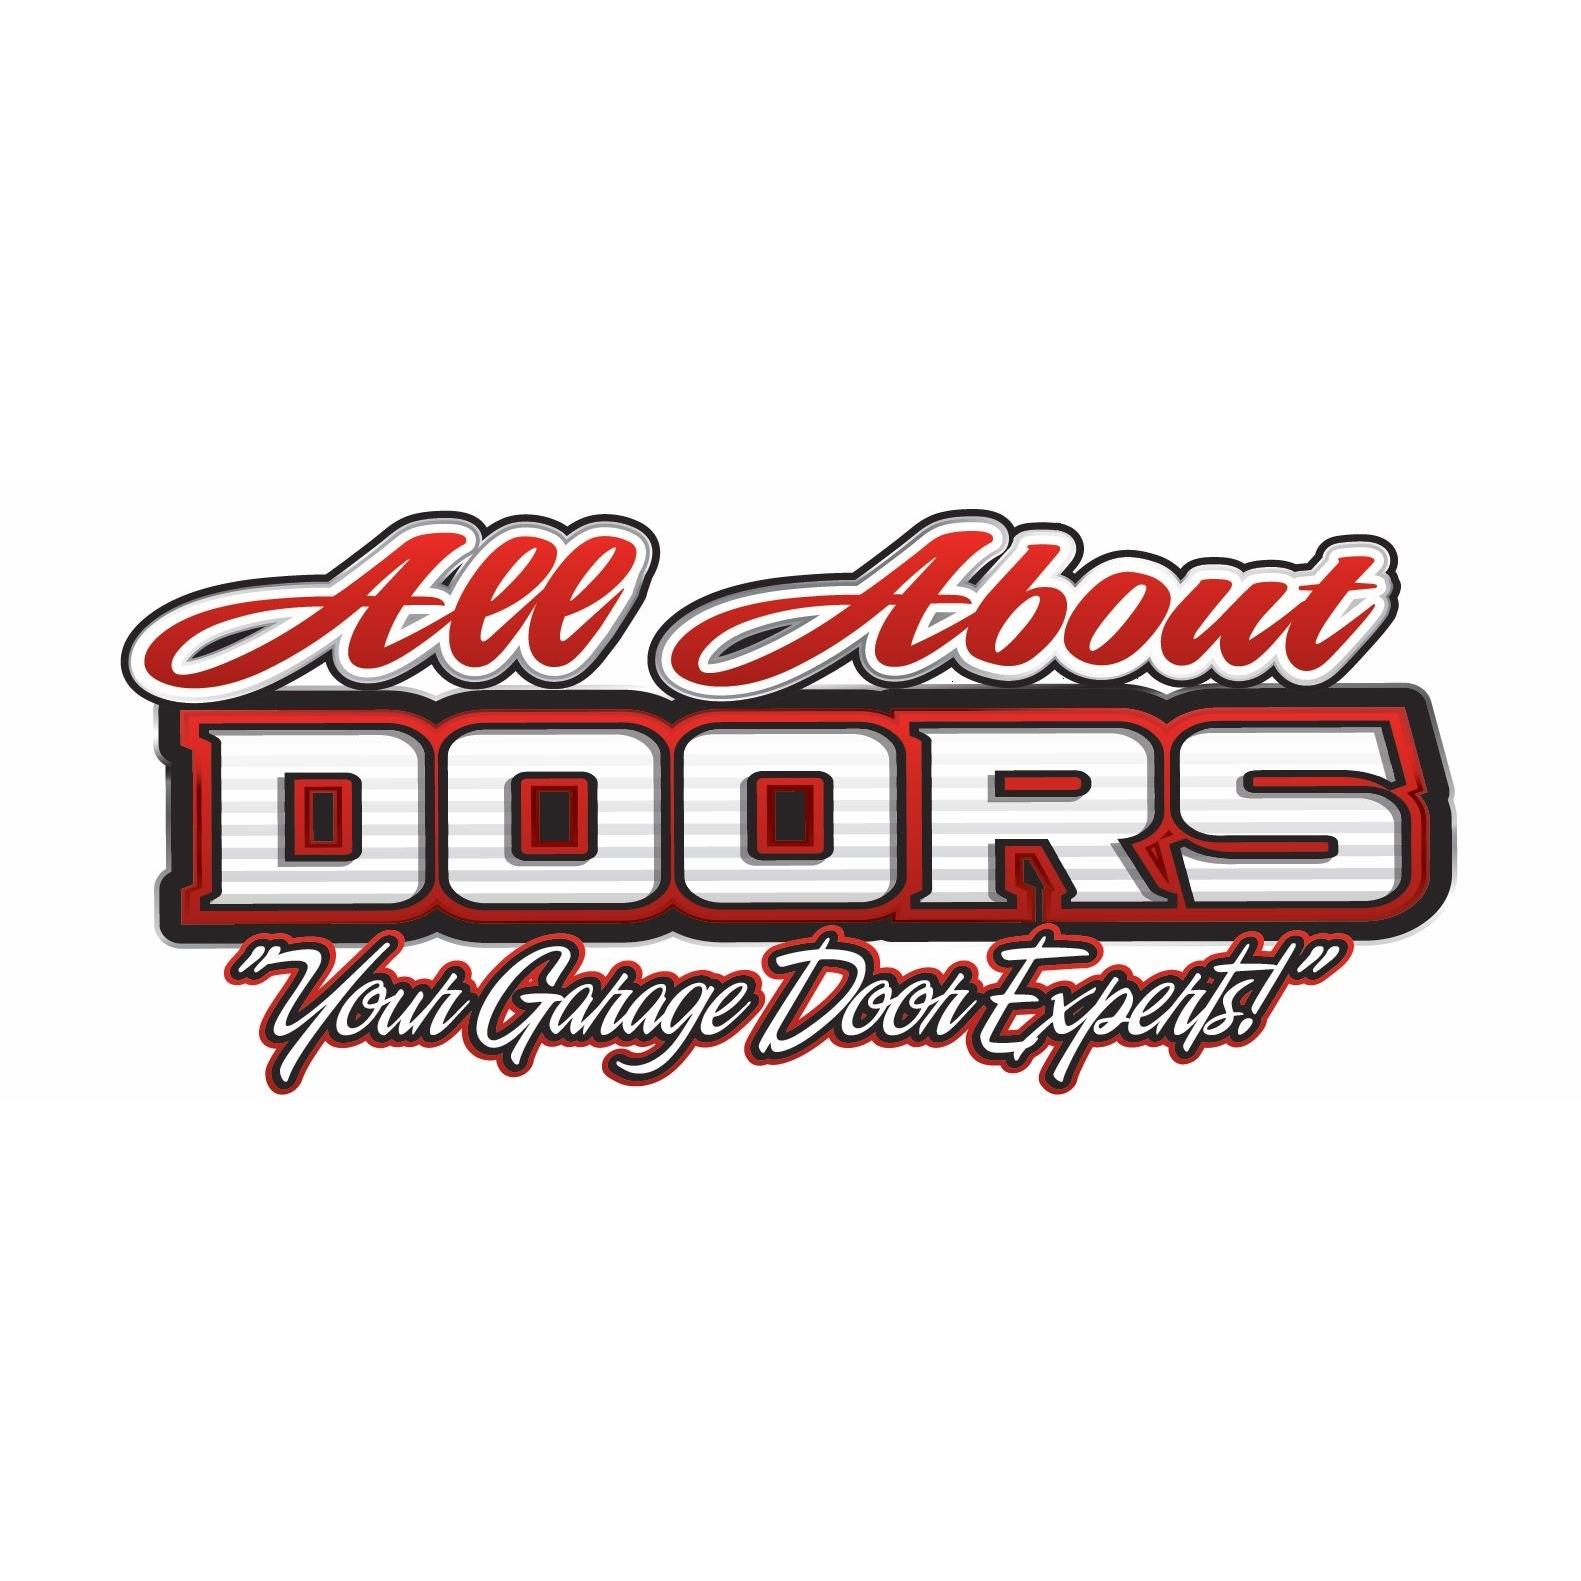 Garage Door Supplier in MD Glen Burnie 21060 All About Doors 120 N. Langley Rd  (410)590-5662